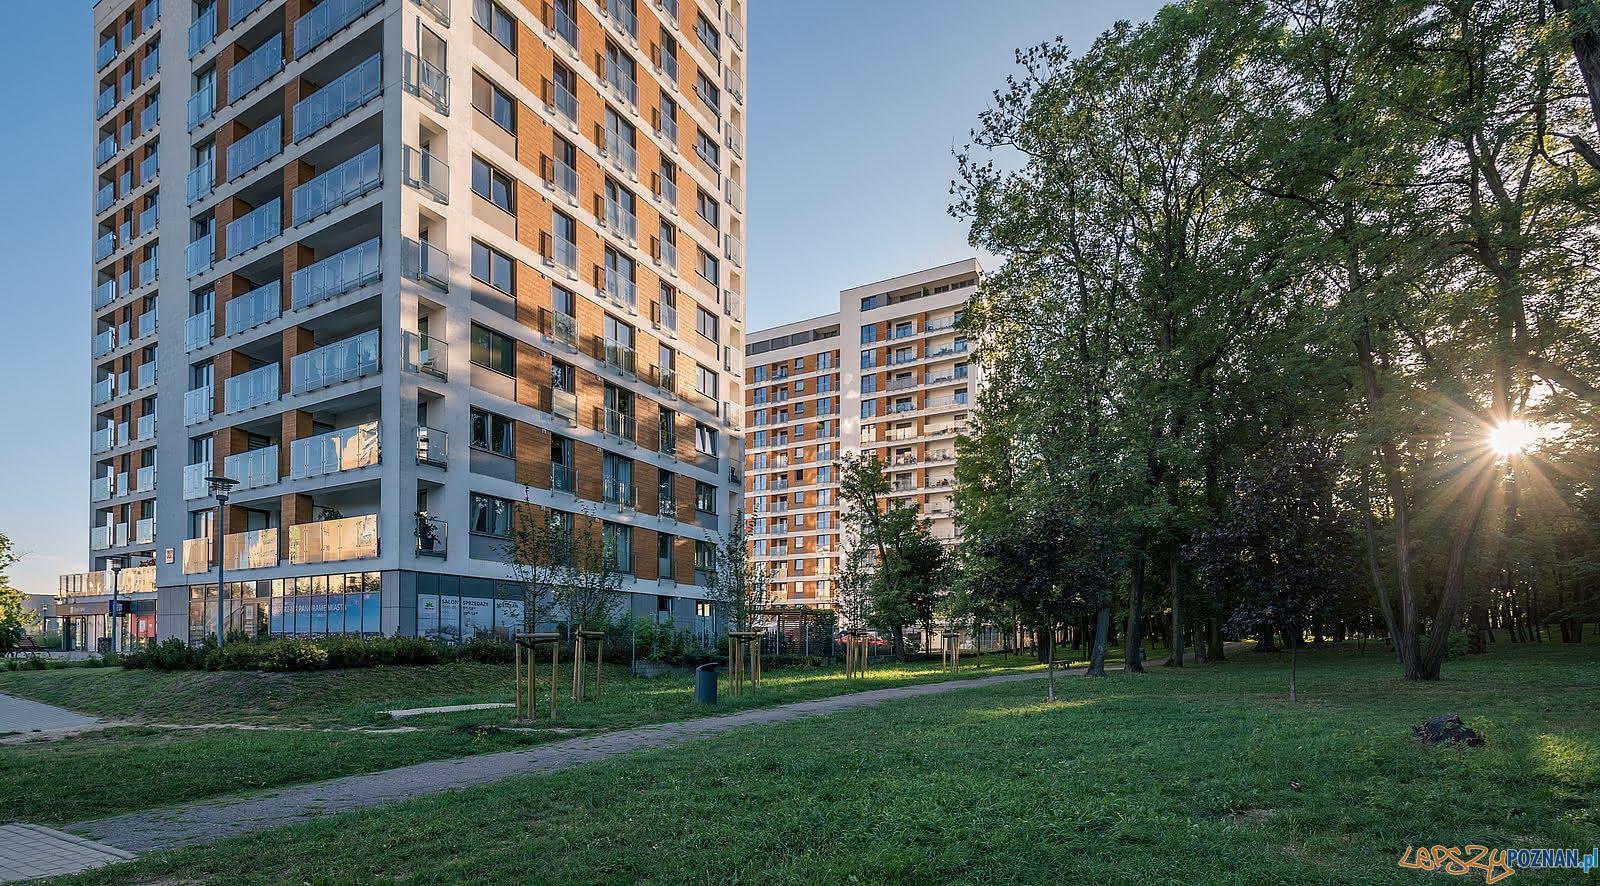 Red Park - inwestycje na Dębcu  Foto: Maciej Lulko / materiały prasowe dewelopera